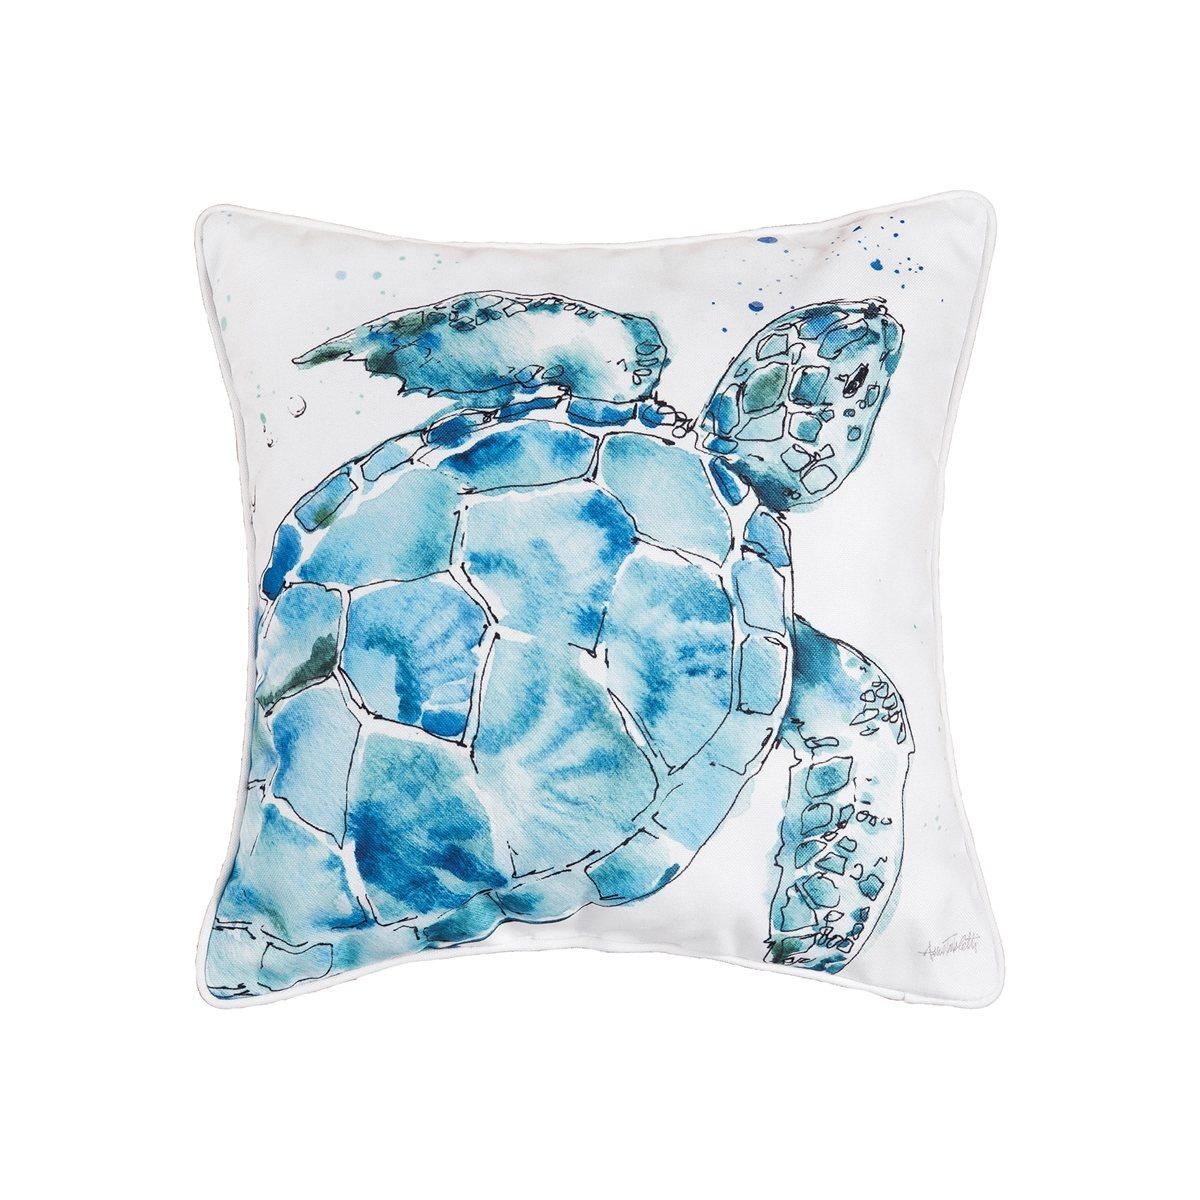 Pillows & Bedding (213)